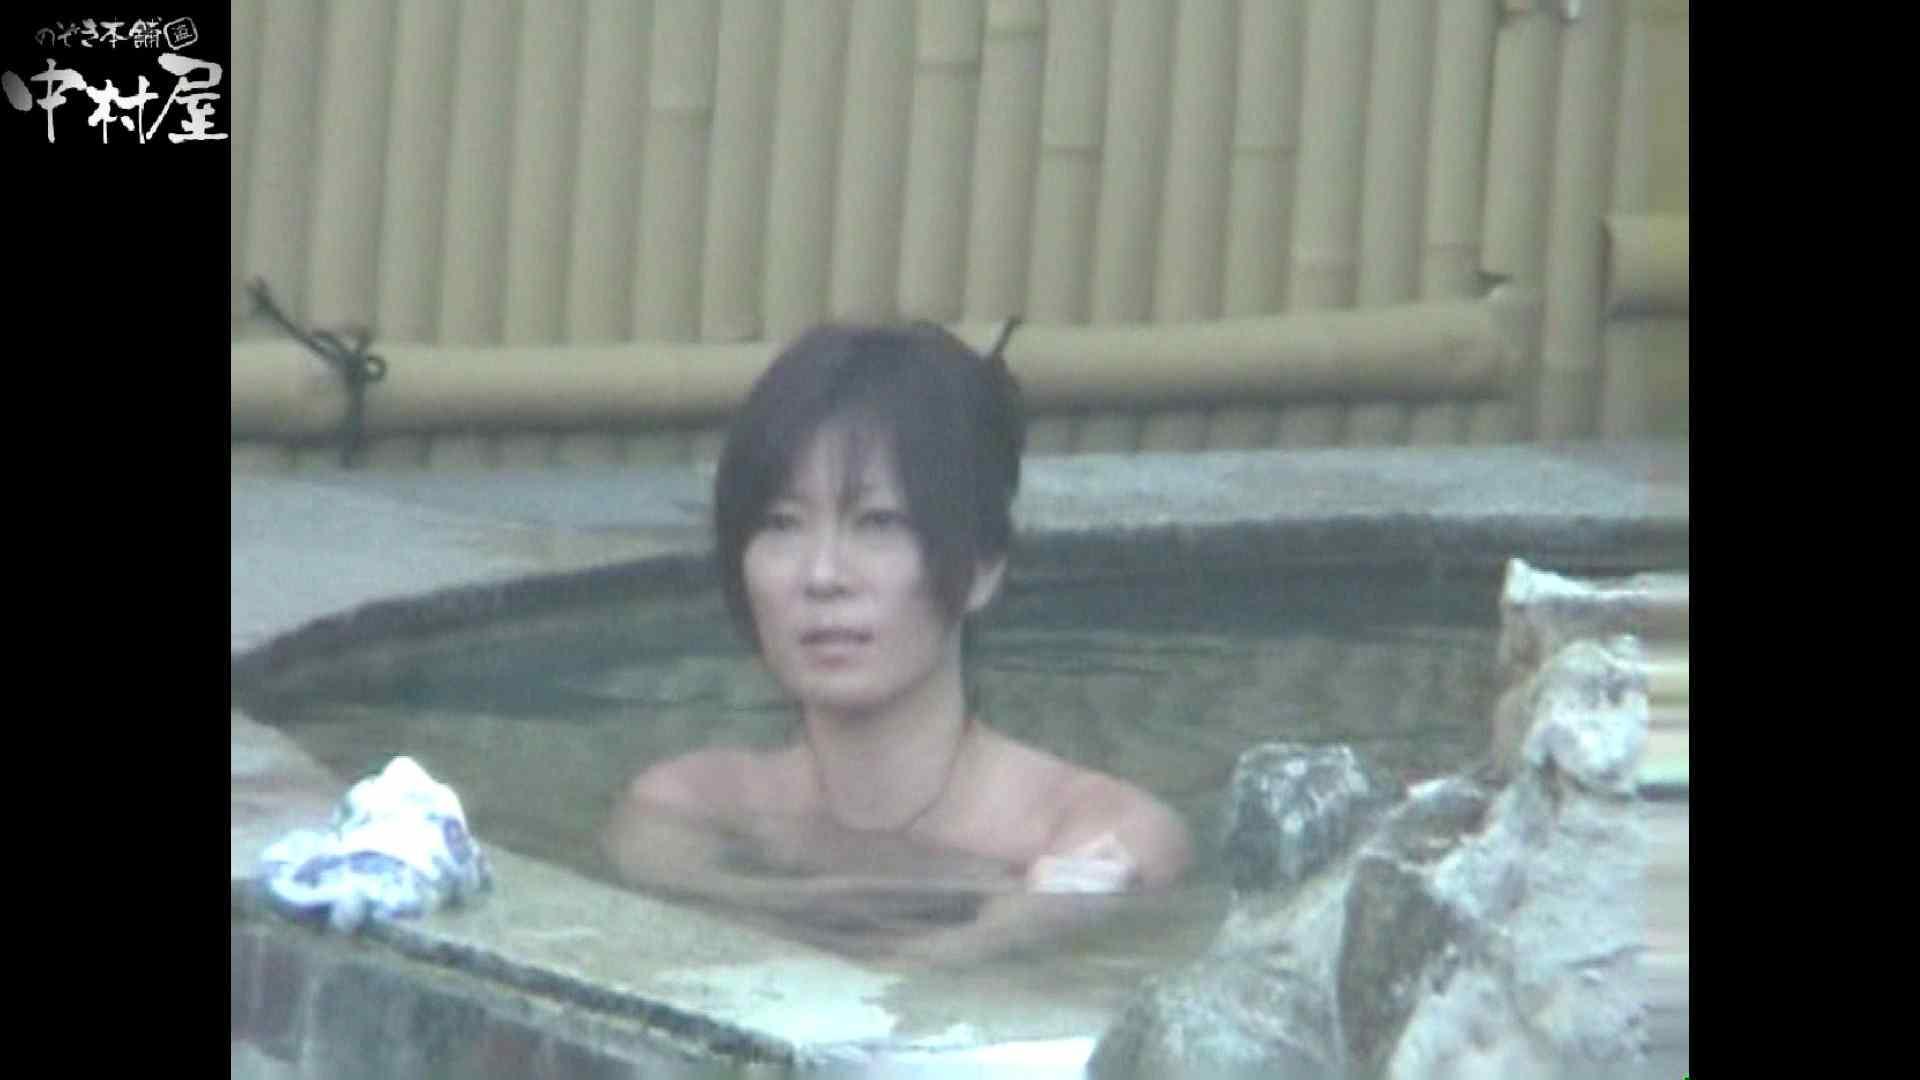 Aquaな露天風呂Vol.972 OLのエロ生活   盗撮  105連発 73